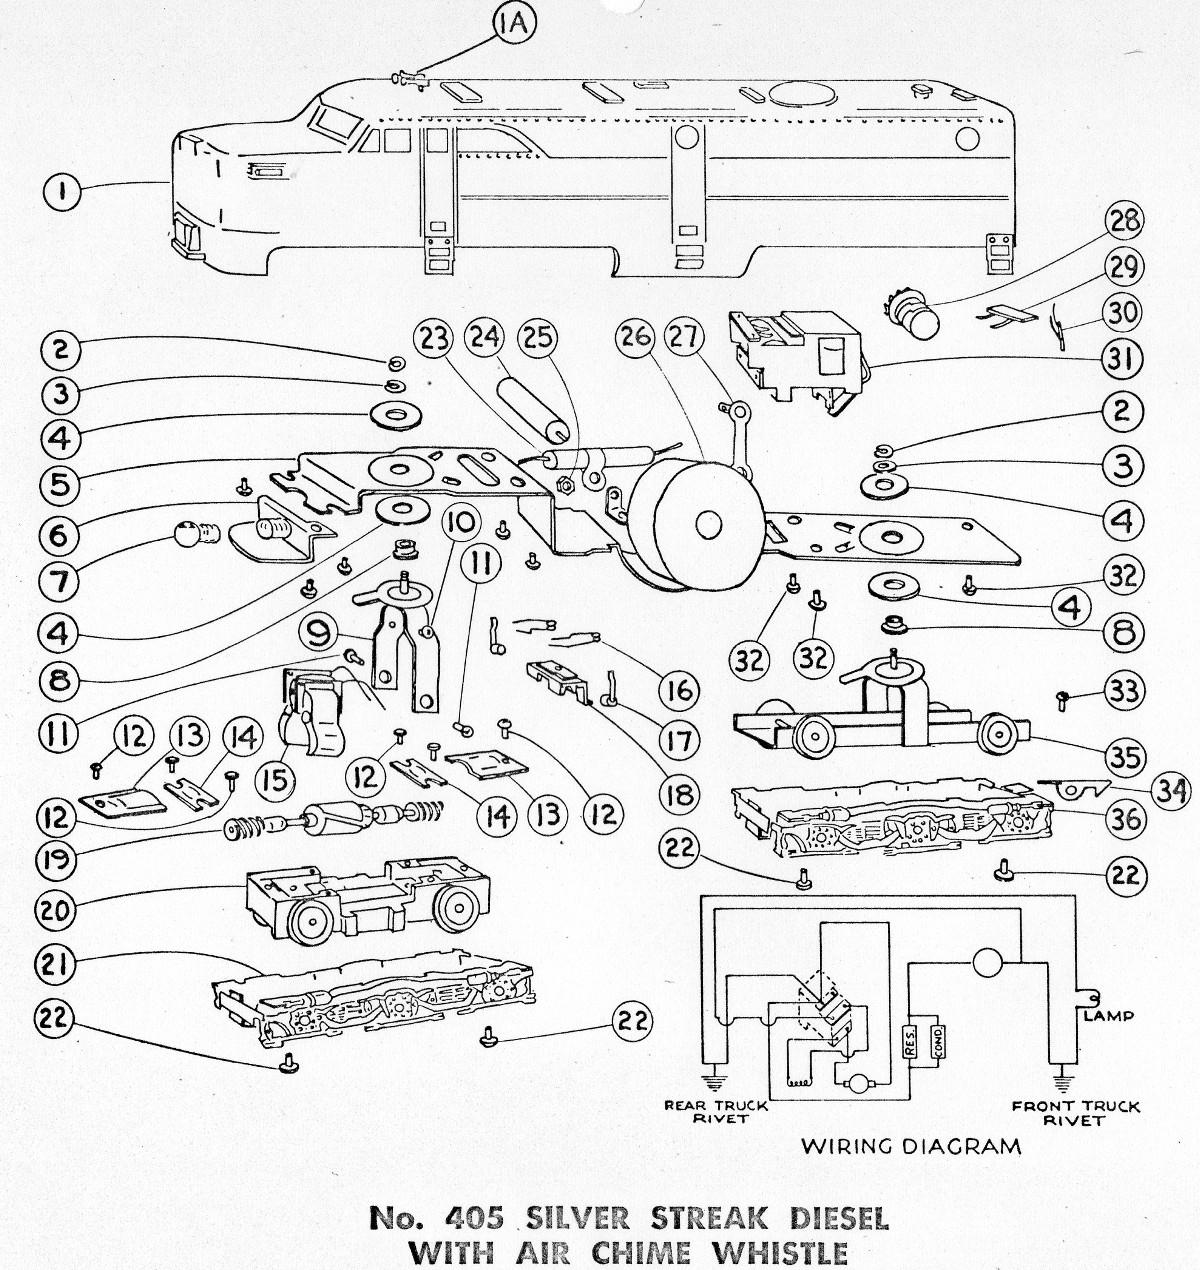 train locomotive diagram